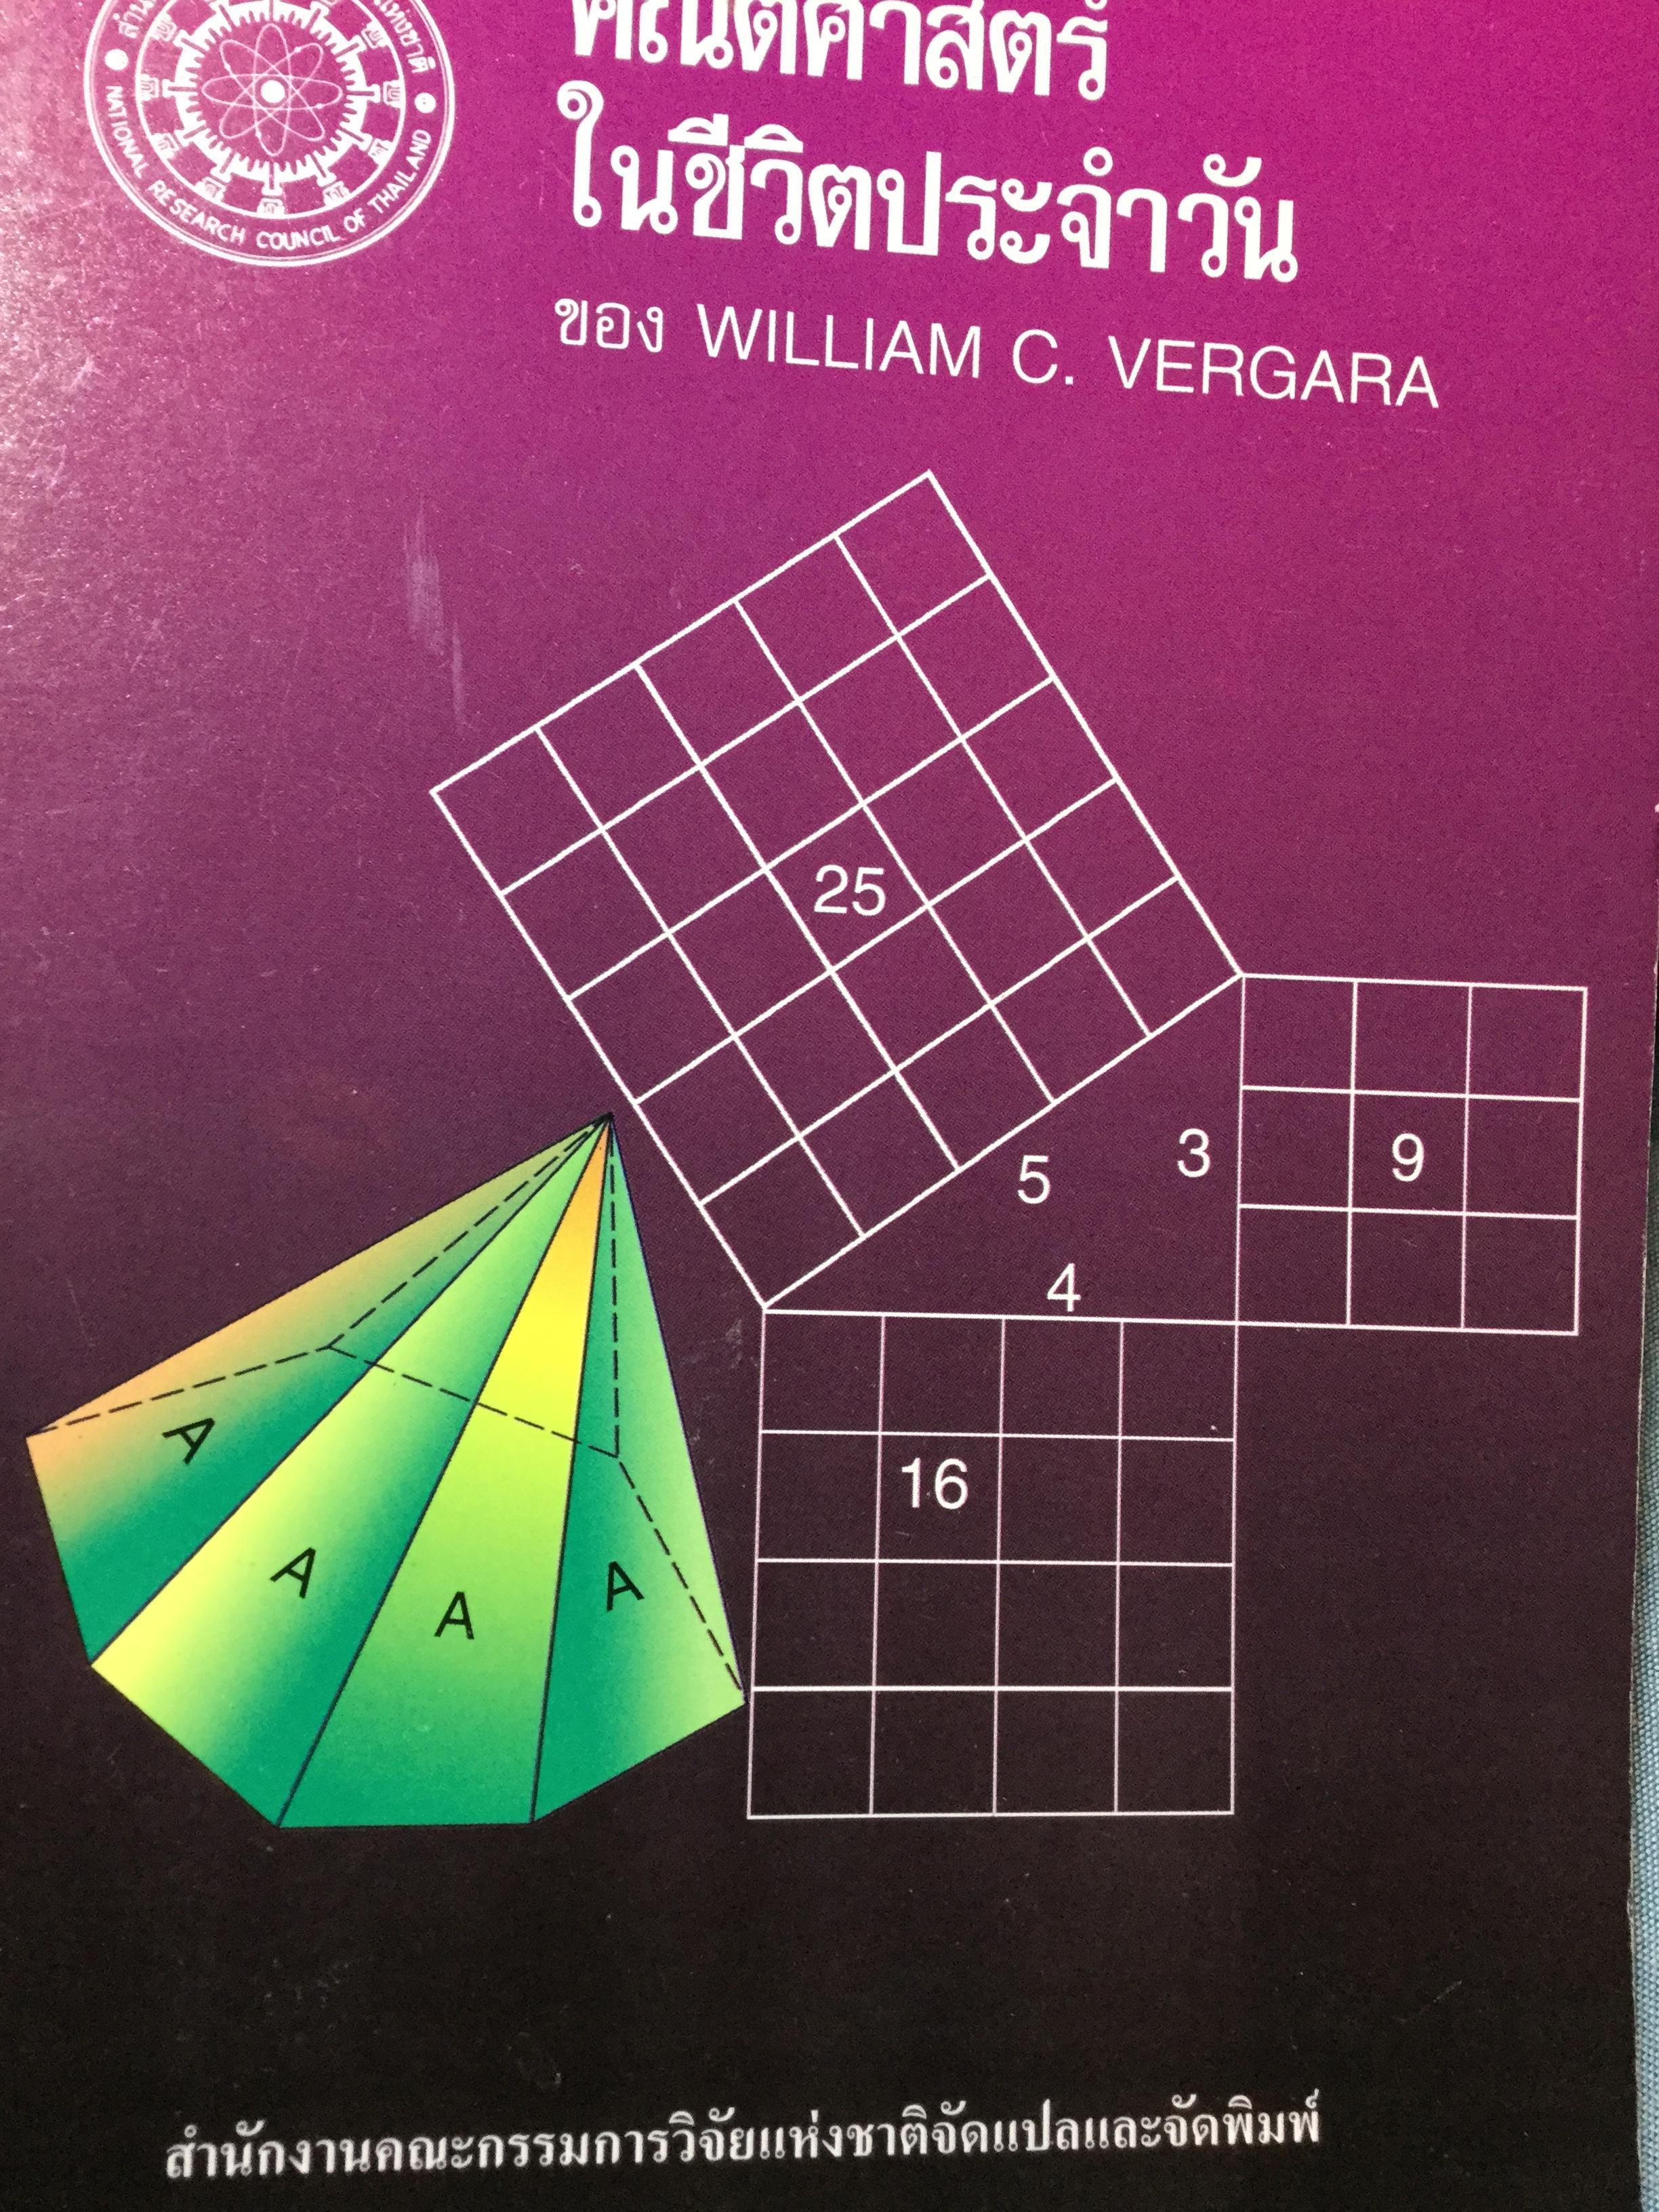 คณิตศาสตร์ ในชีวิตประจำวันของ William C.Vergara สำนักงานคณะกรรมการวิจัยแห่งชาติจัดแปลและจัดพิมพ์ พ.ศ.2540 สาขาวิทยาศาสตร์กายภาพและคณิตศาสตร์.